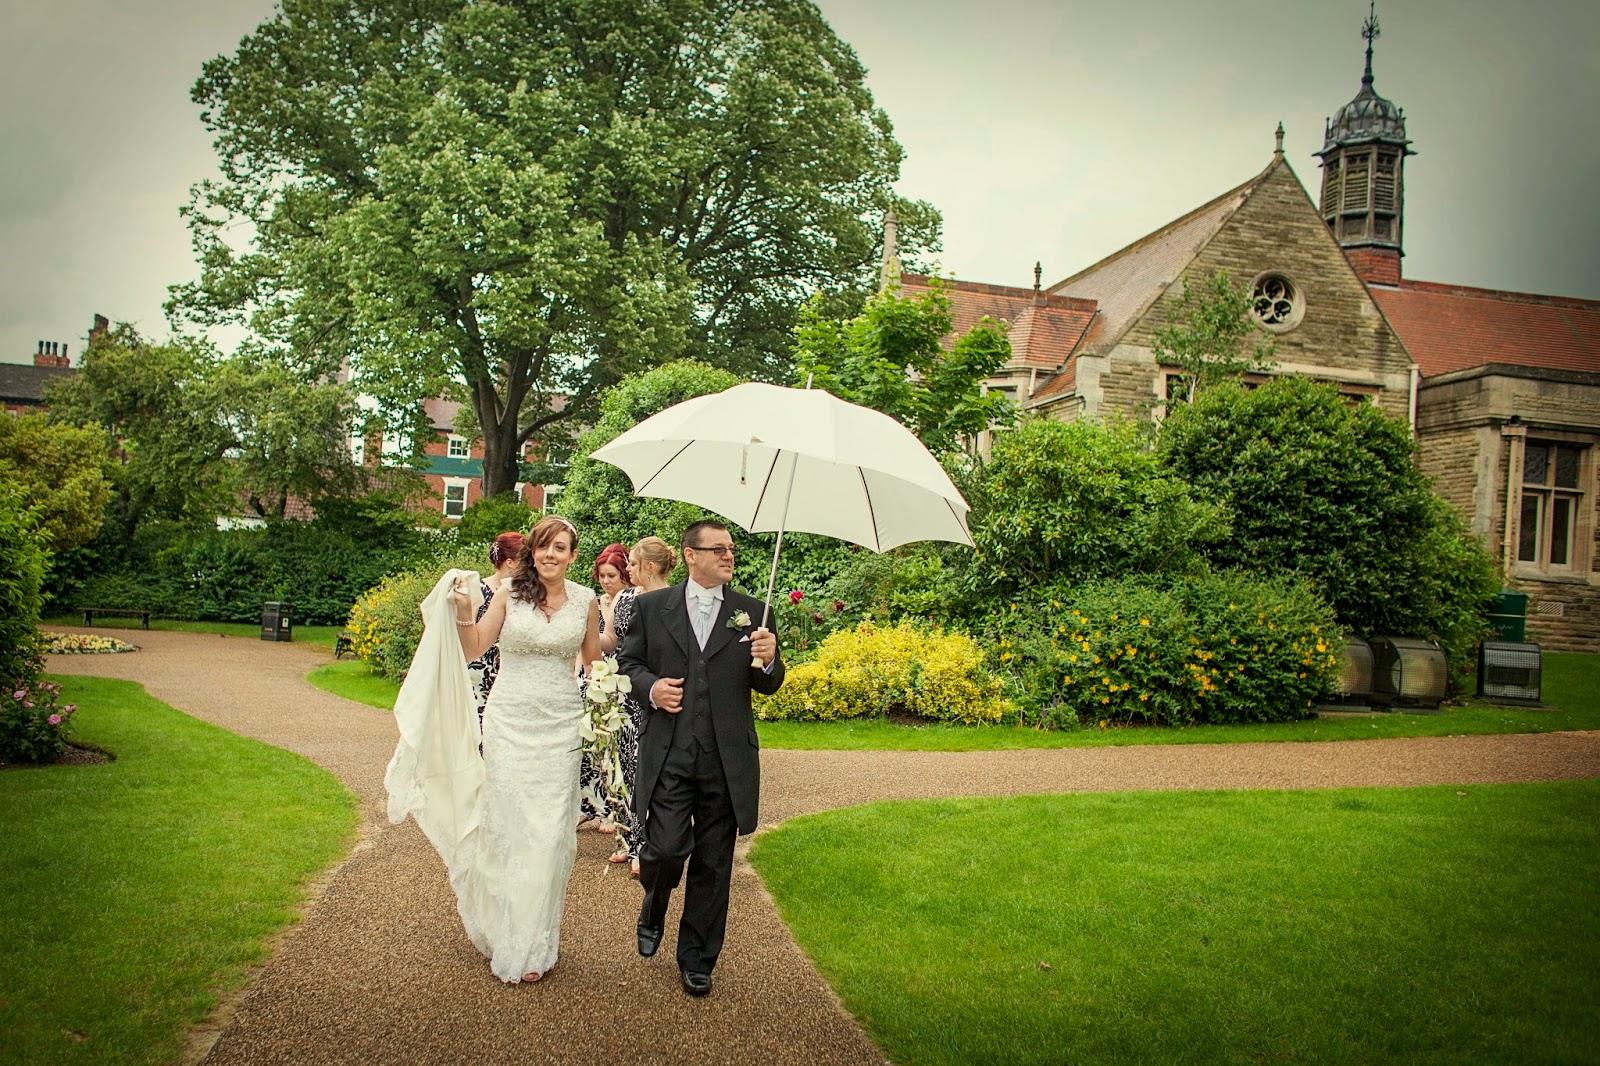 Kiley green wedding